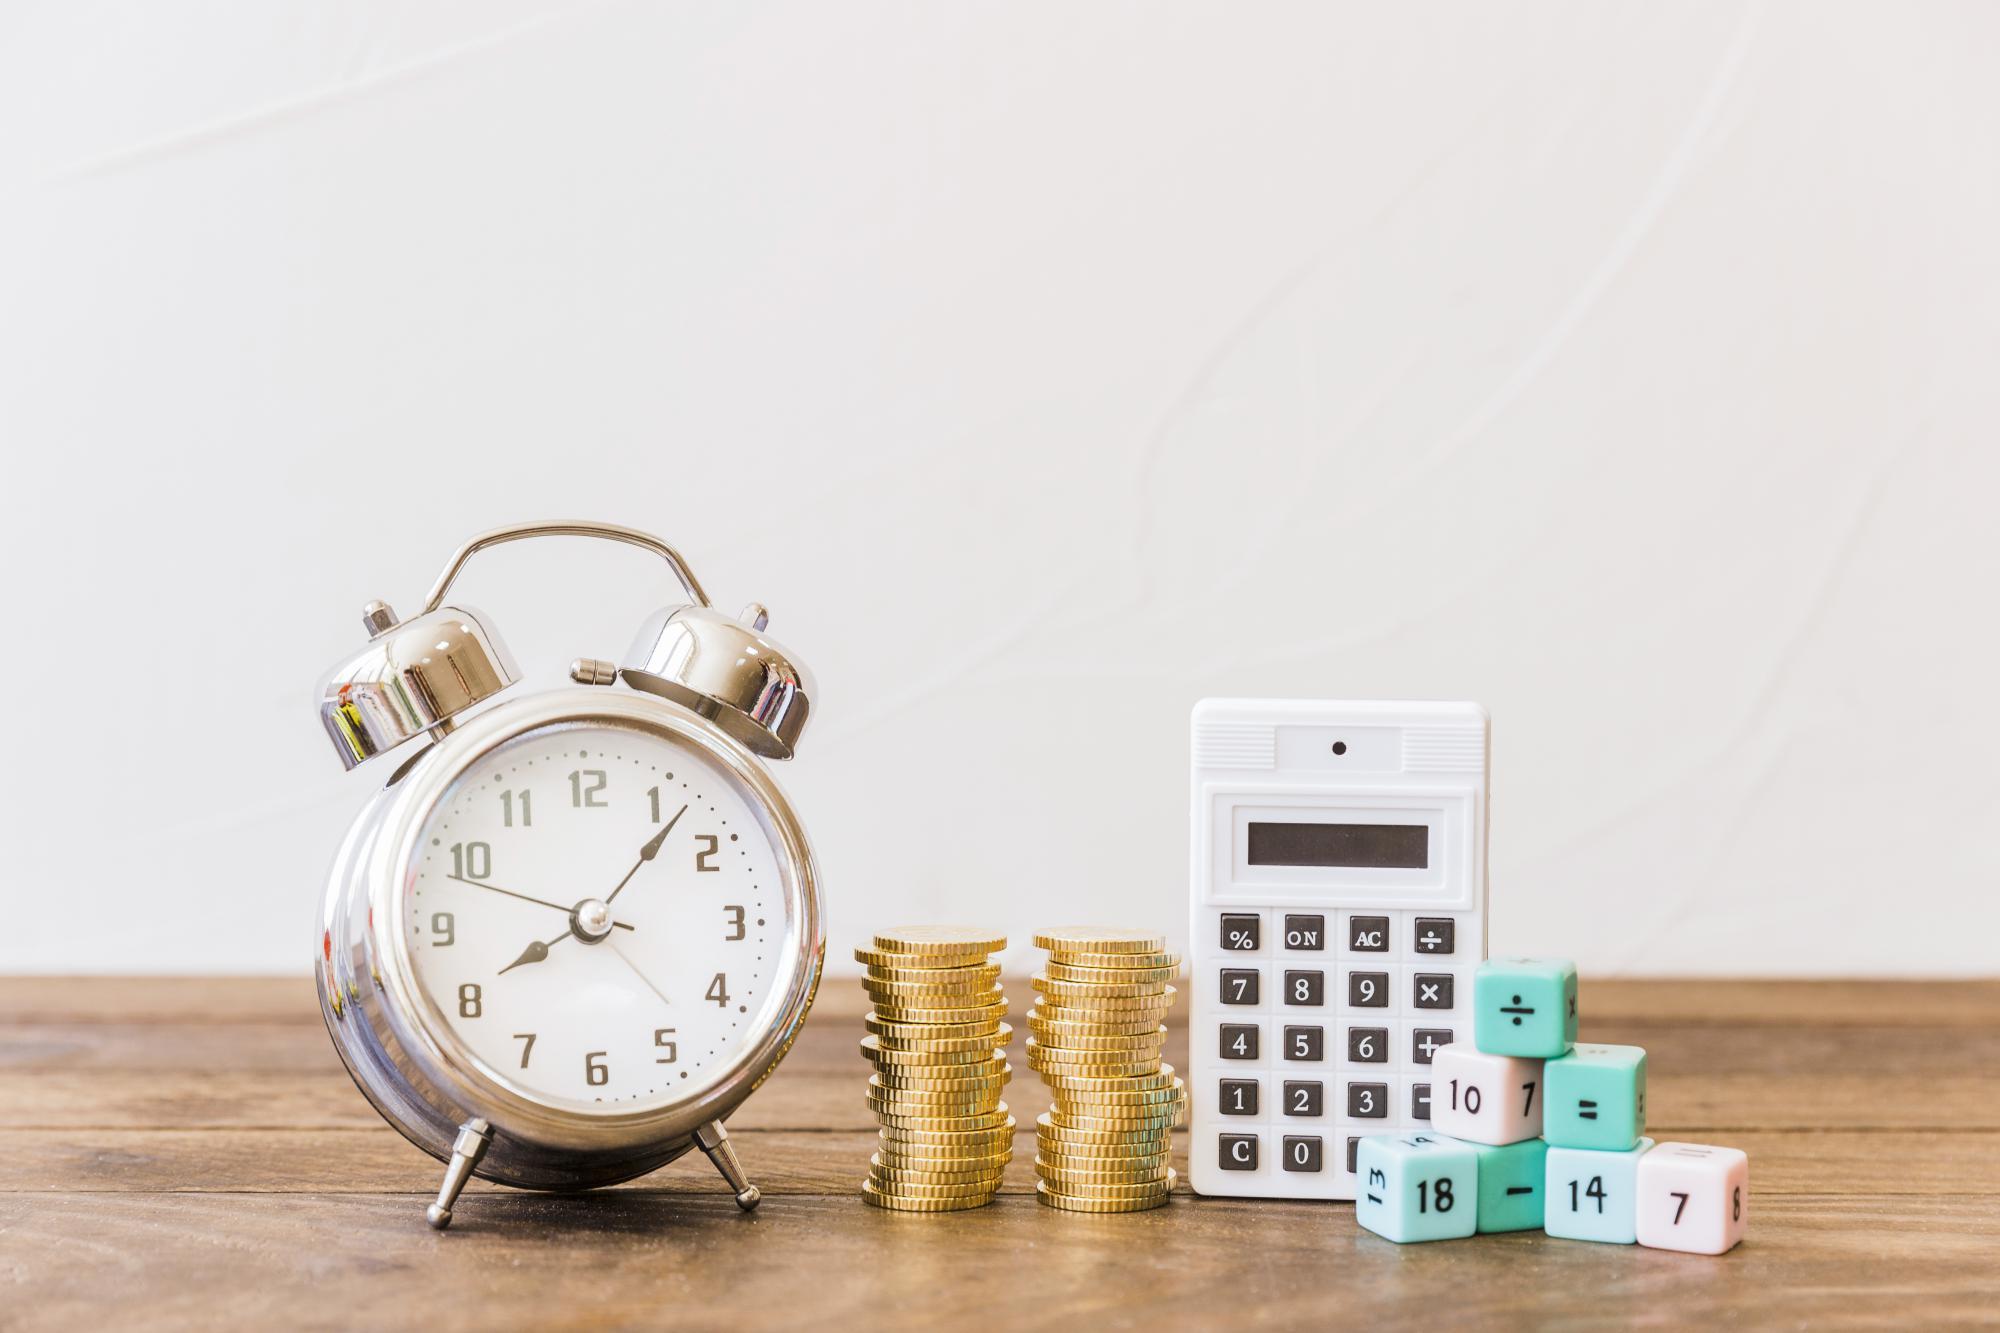 ФССпроинформировалоб оплате страхвзносов иполучении отсрочки